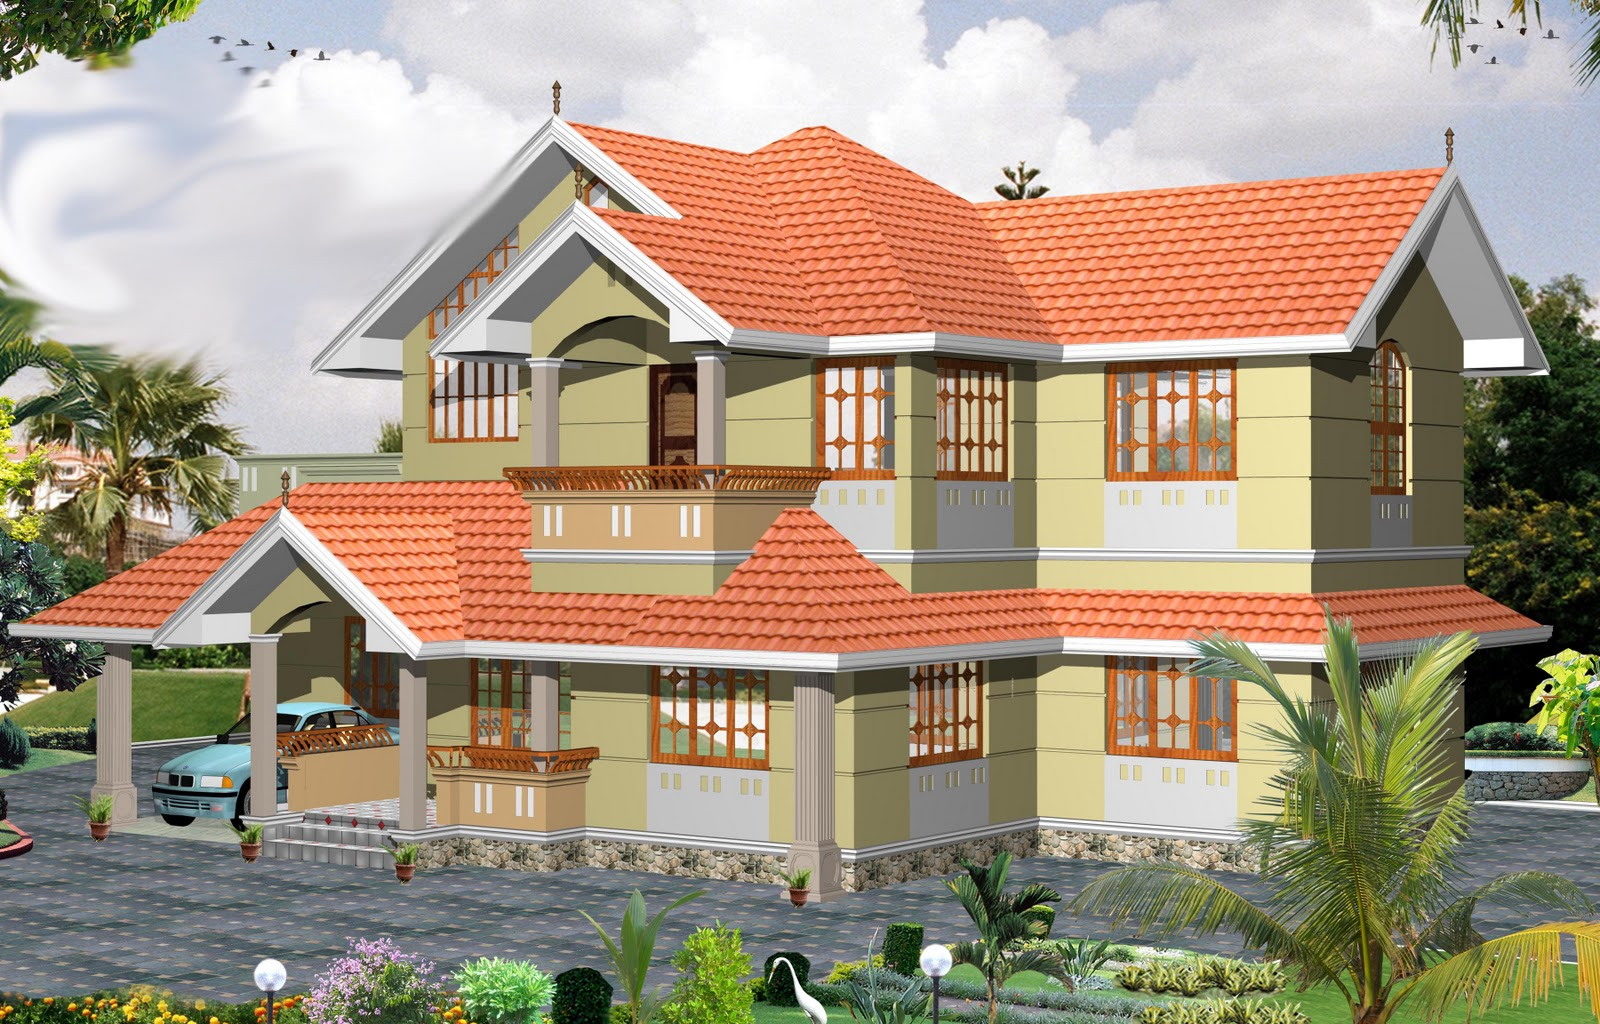 farmhouse style house plans 1600x1024